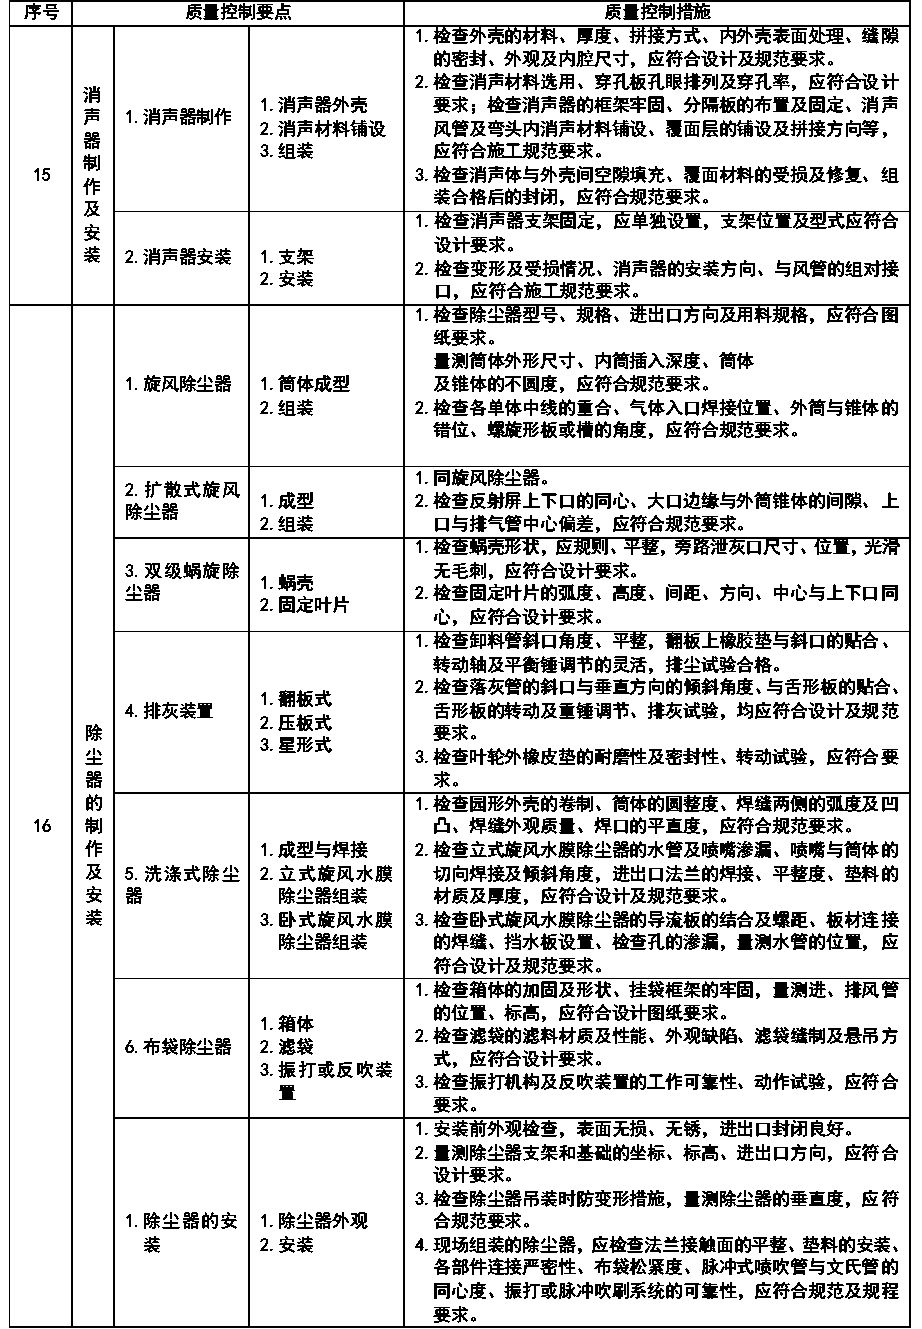 通风与空调安装工程施工质量监理实施细则参考手册_15